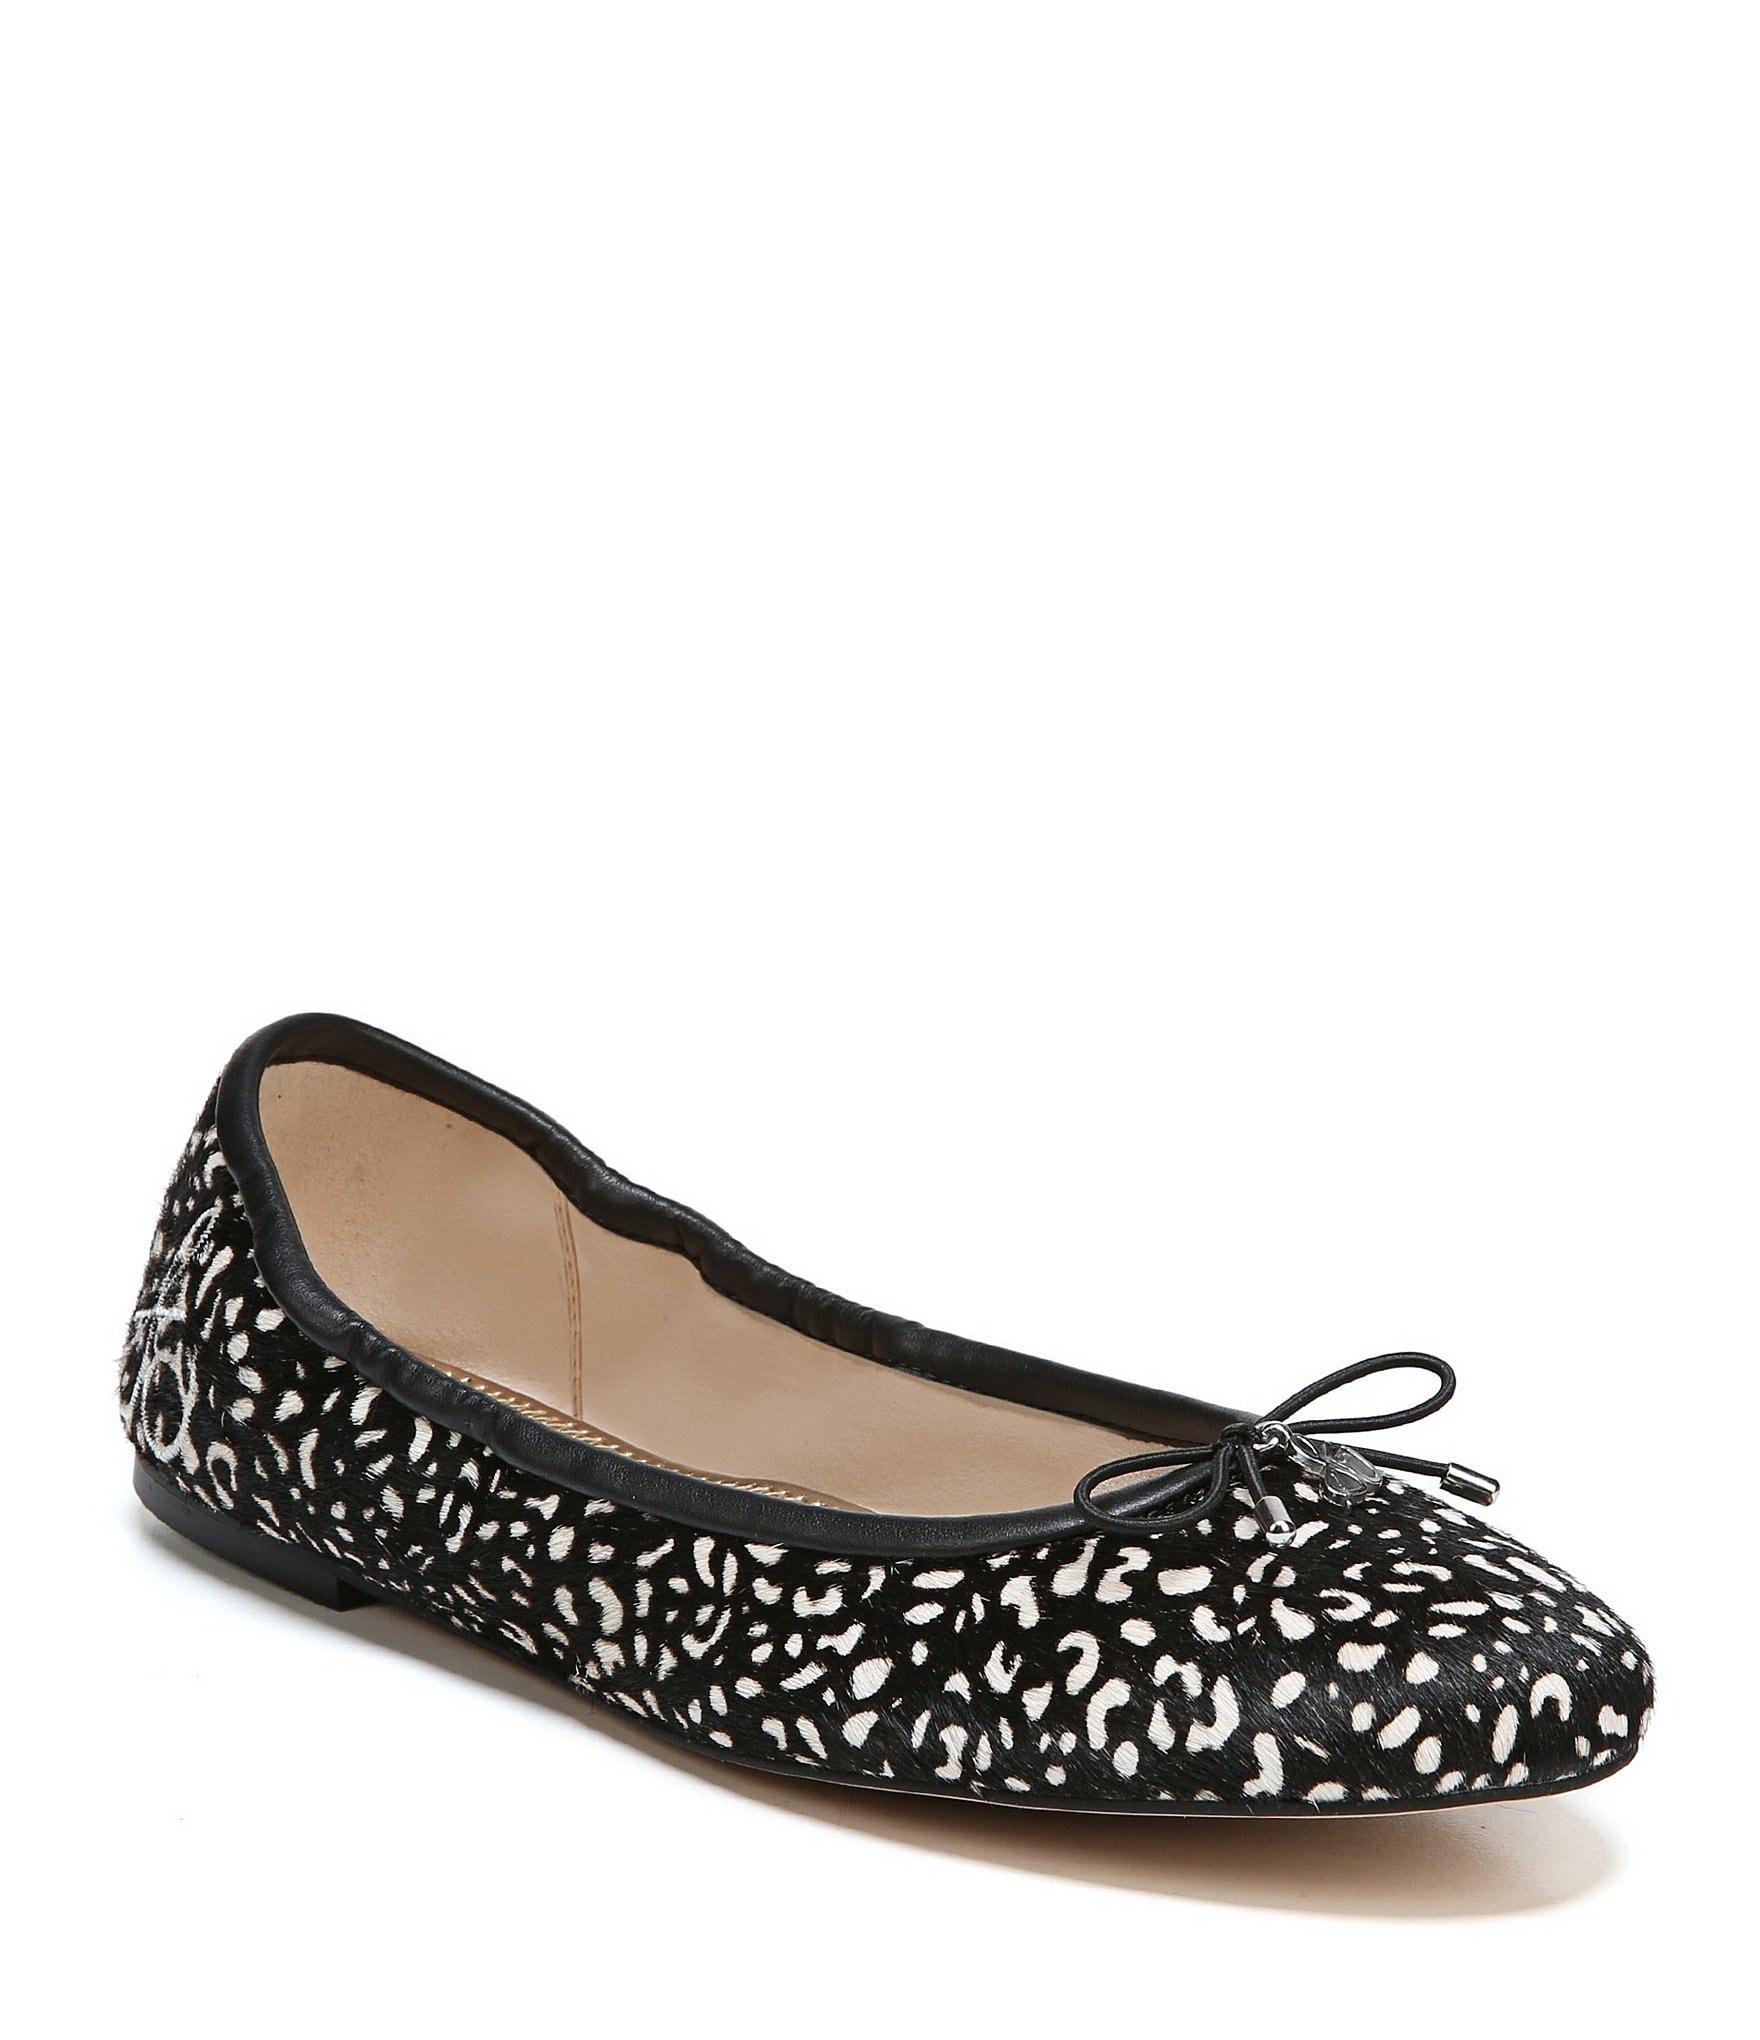 Sam Edelman Kids Shoes